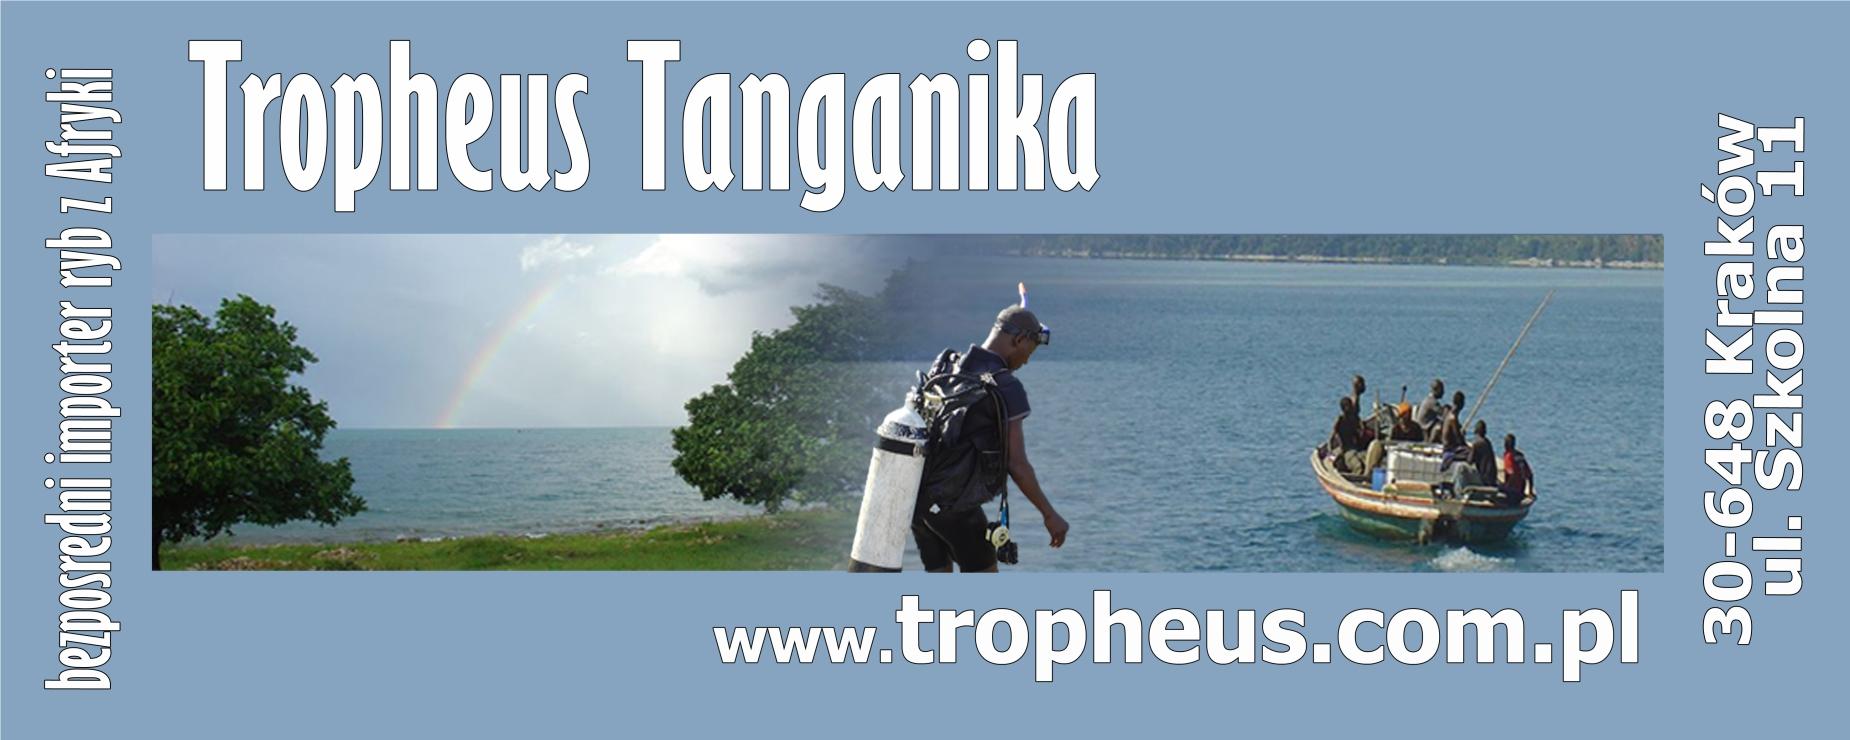 www.tropheus.com.pl